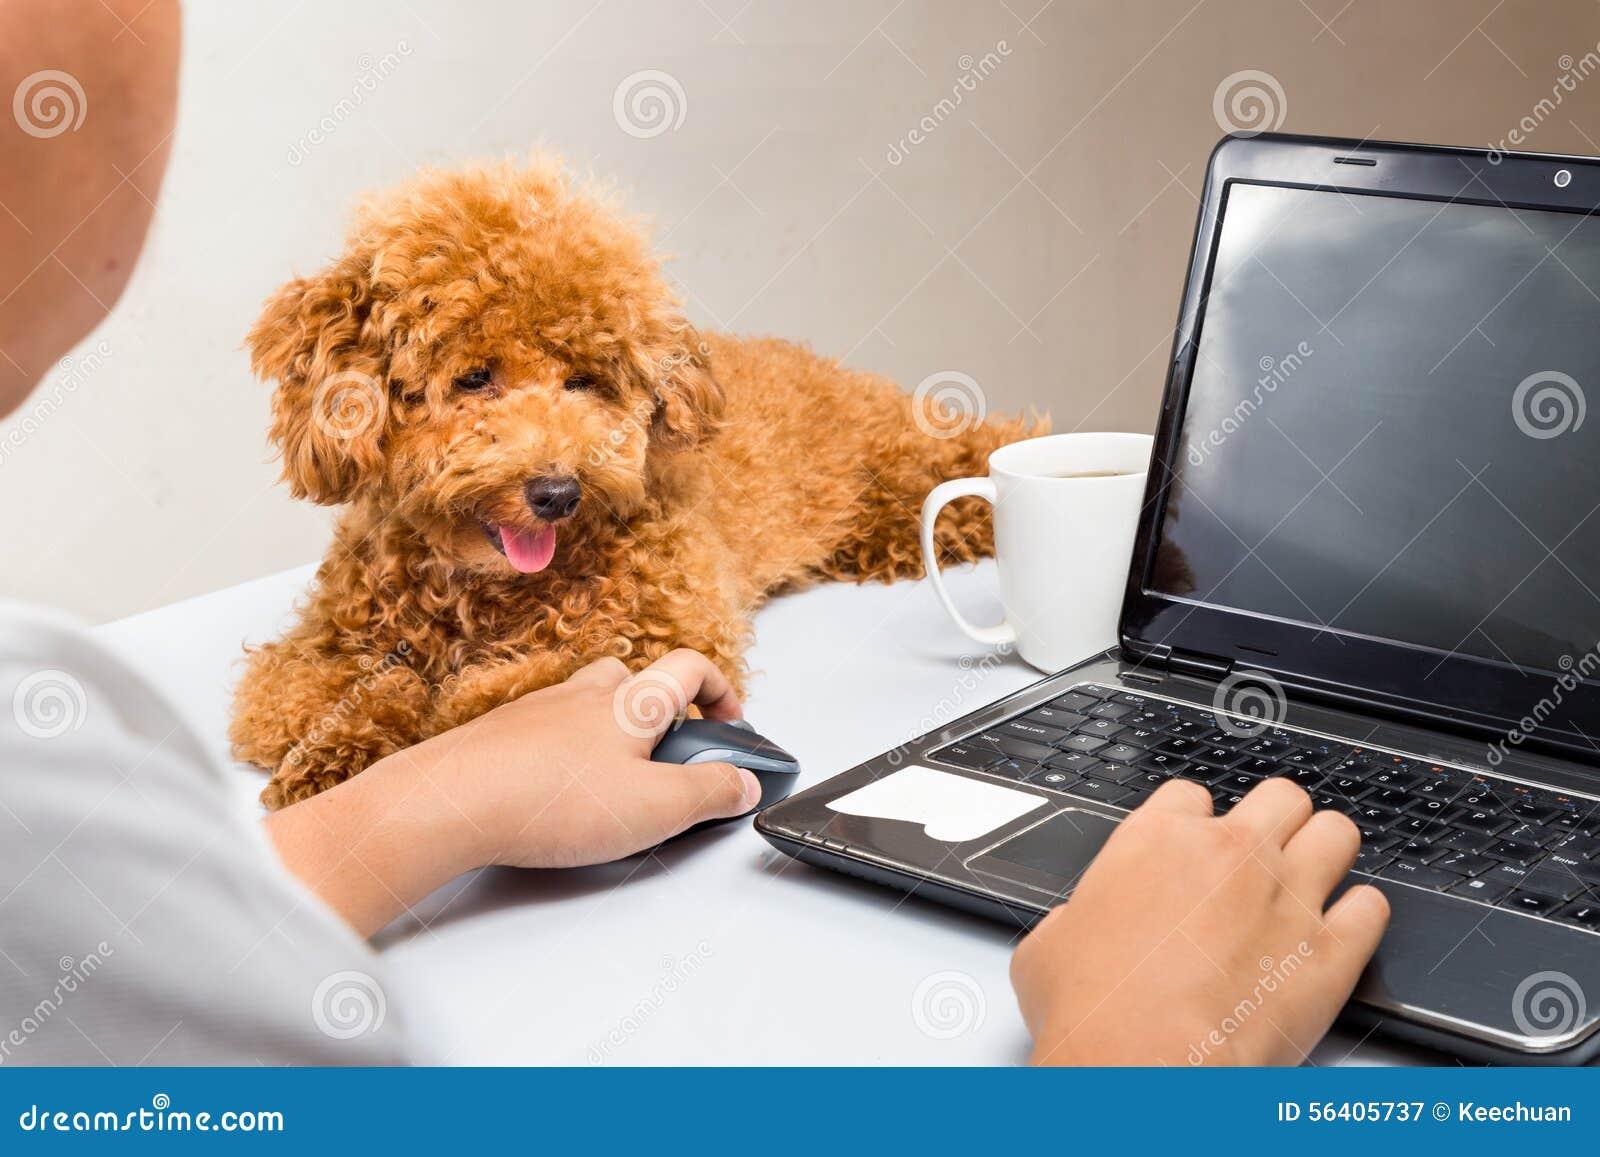 Netter Pudelwelpe begleiten die Person, die mit Laptop-Computer auf Schreibtisch arbeitet